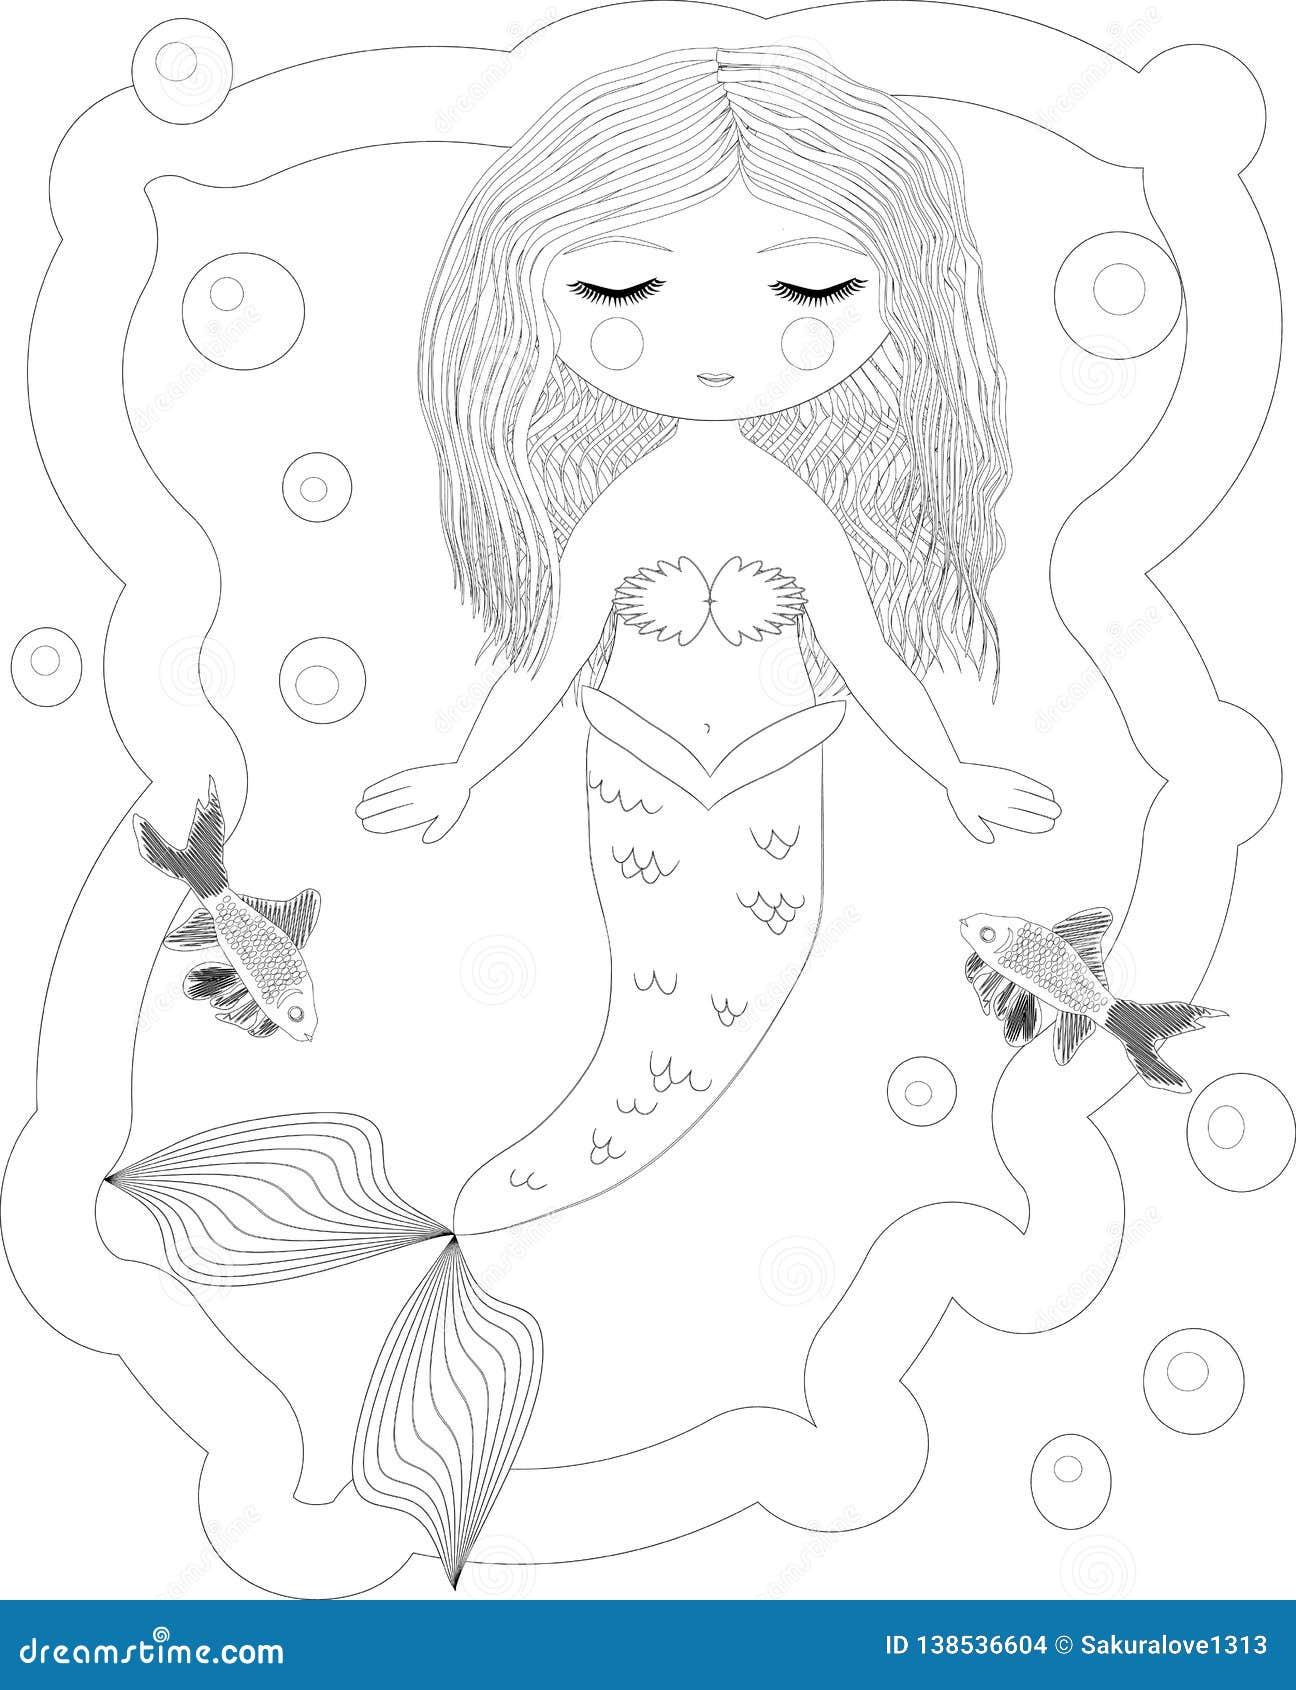 Sirena Bella Mondo Subacqueo Anti Libro Da Colorare Di Sforzo Per L Adulto Pagina Di Coloritura Del Disegno Di Profilo In Bianco Illustrazione Di Stock Illustrazione Di Nero Fantasia 138536604